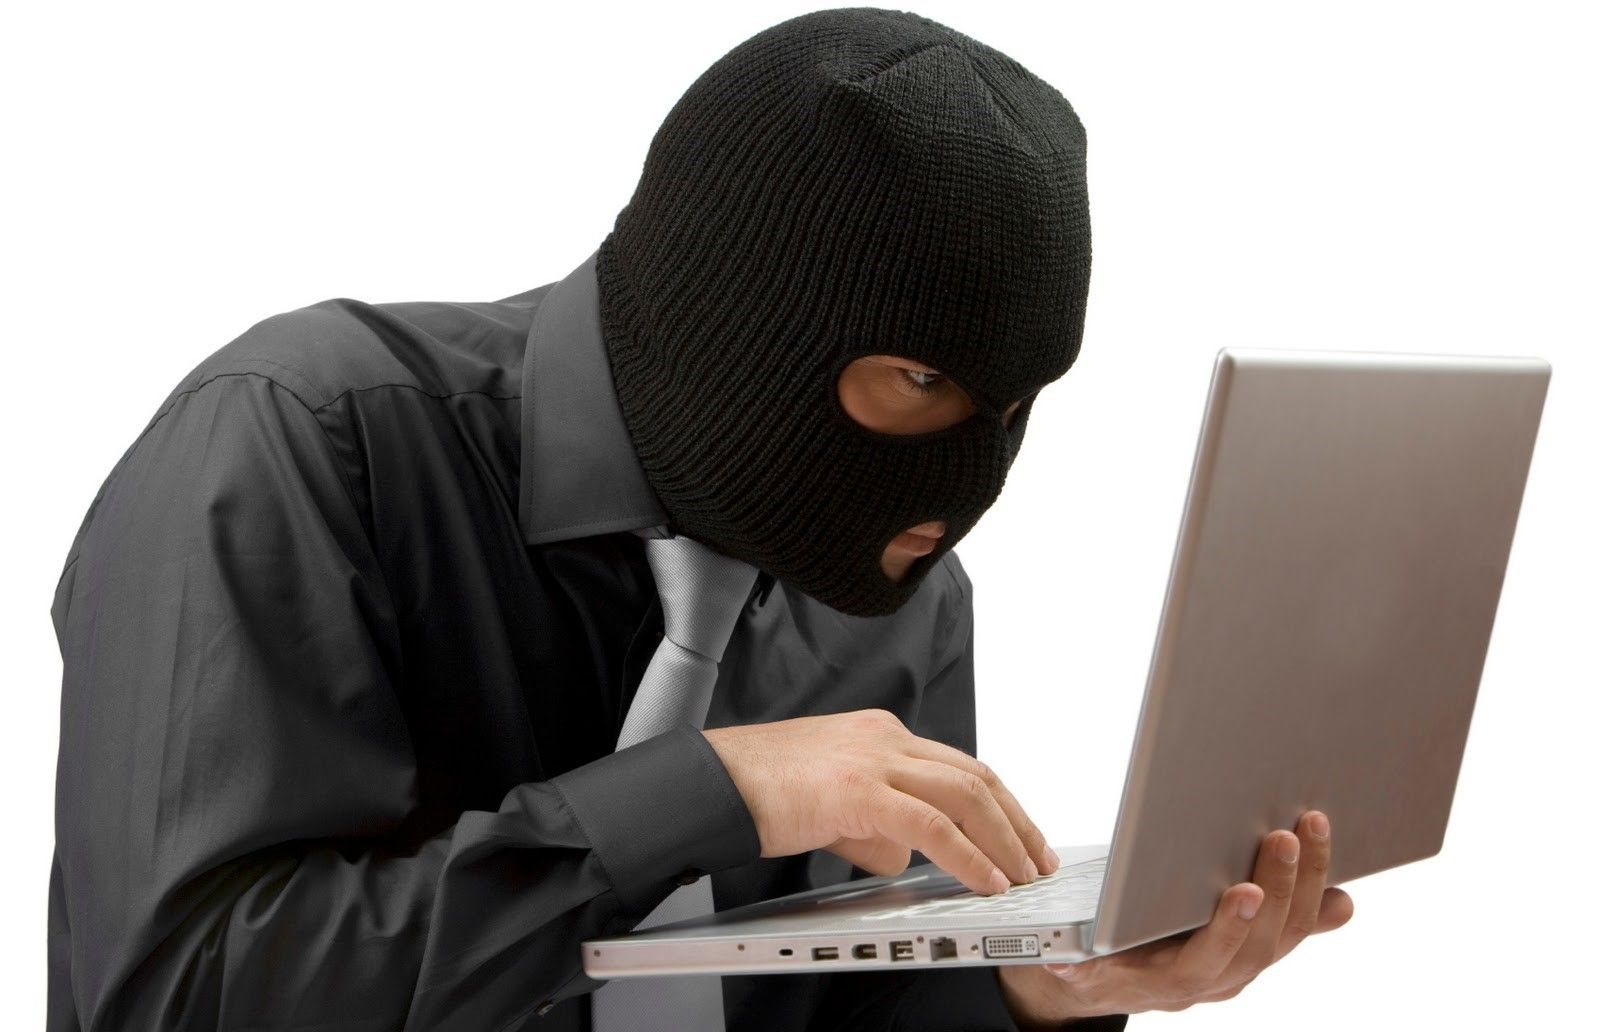 Resultado de imagen para robo cibernetico